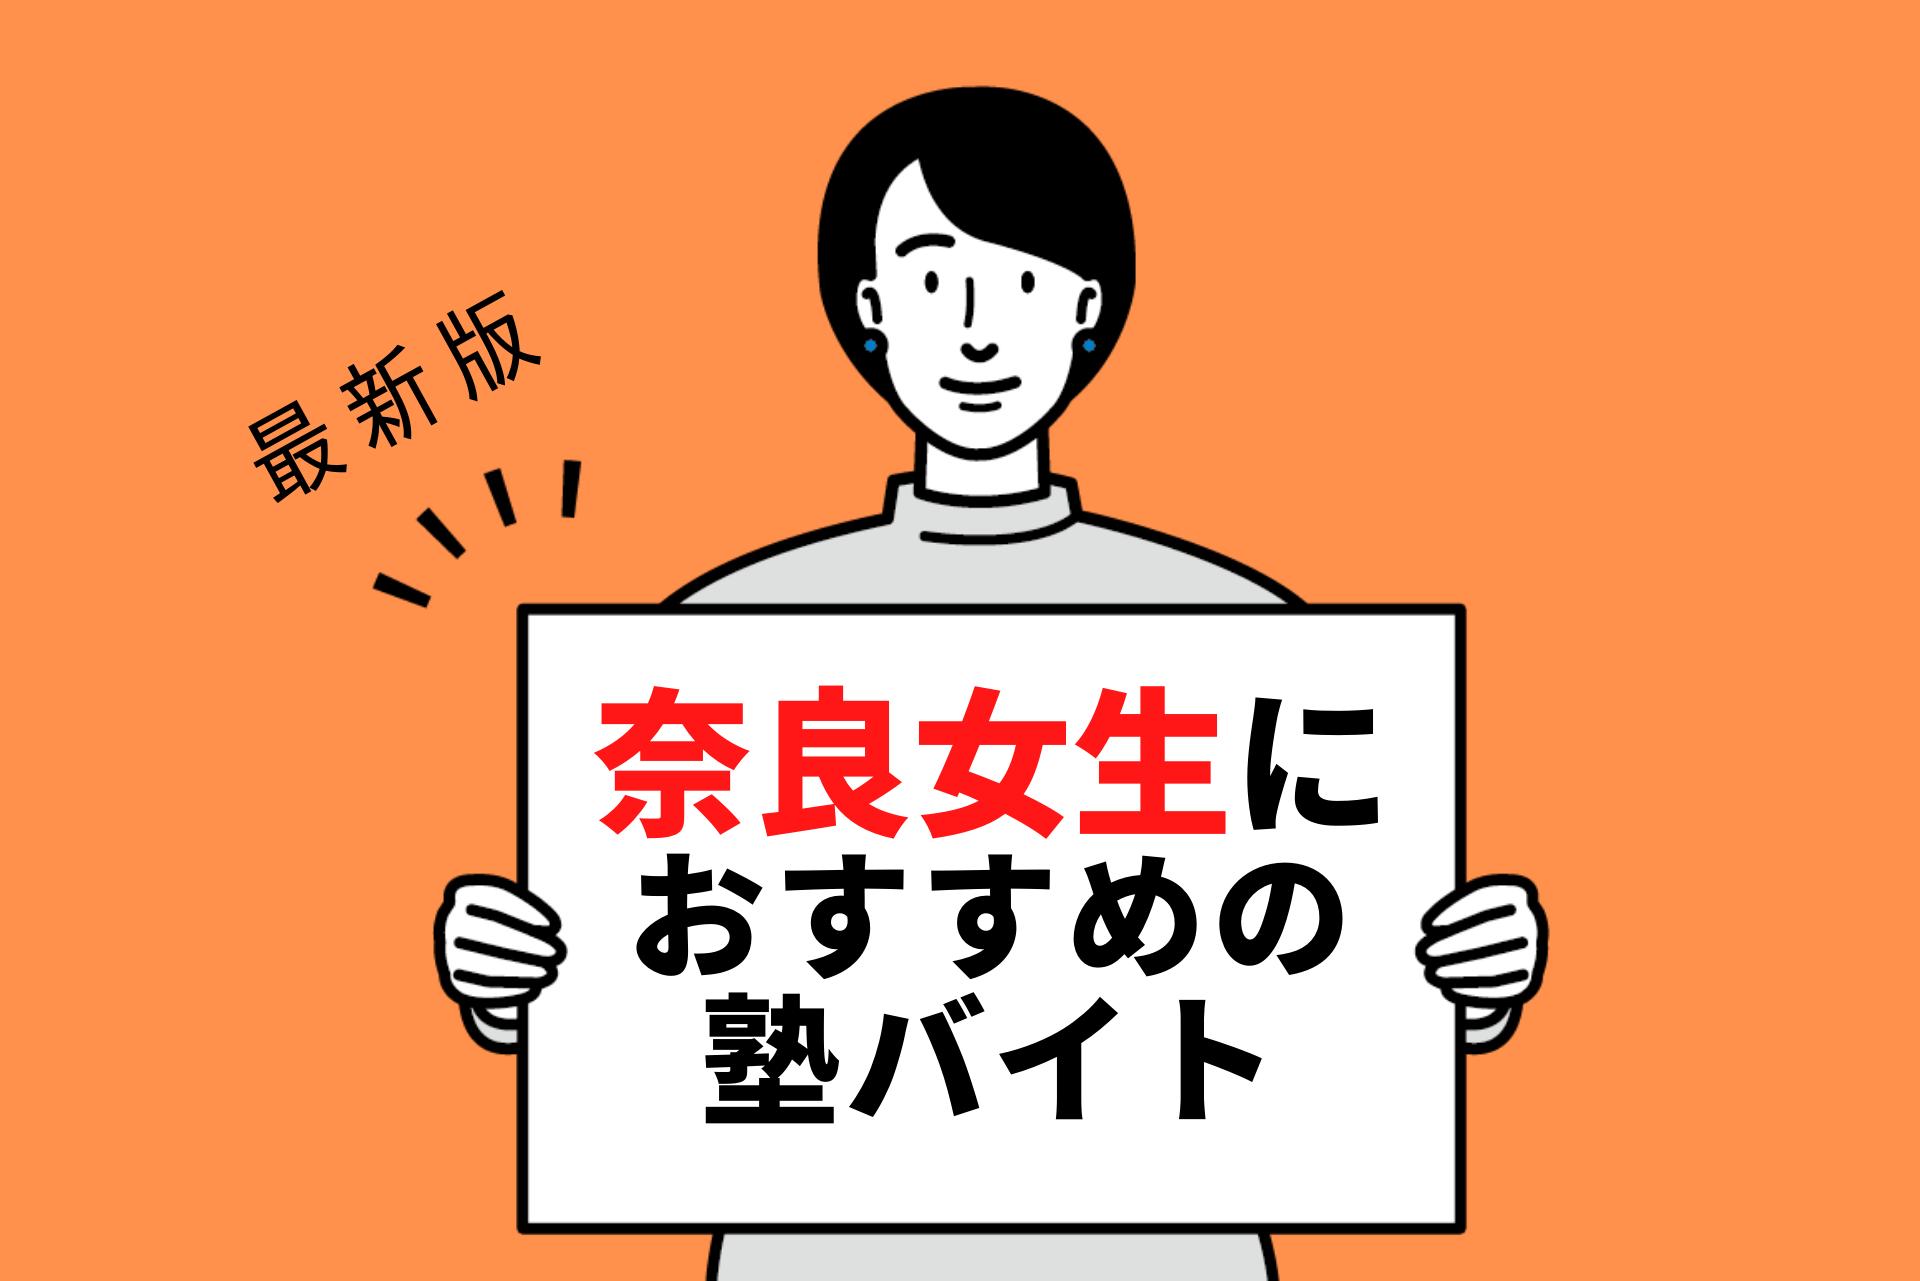 奈良女子大学の学生さんにおすすめの塾